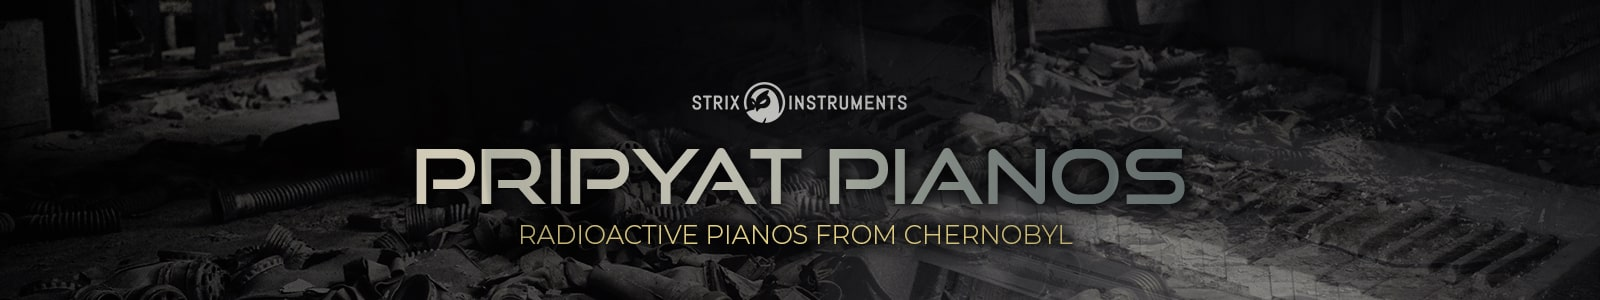 pripyat pianos